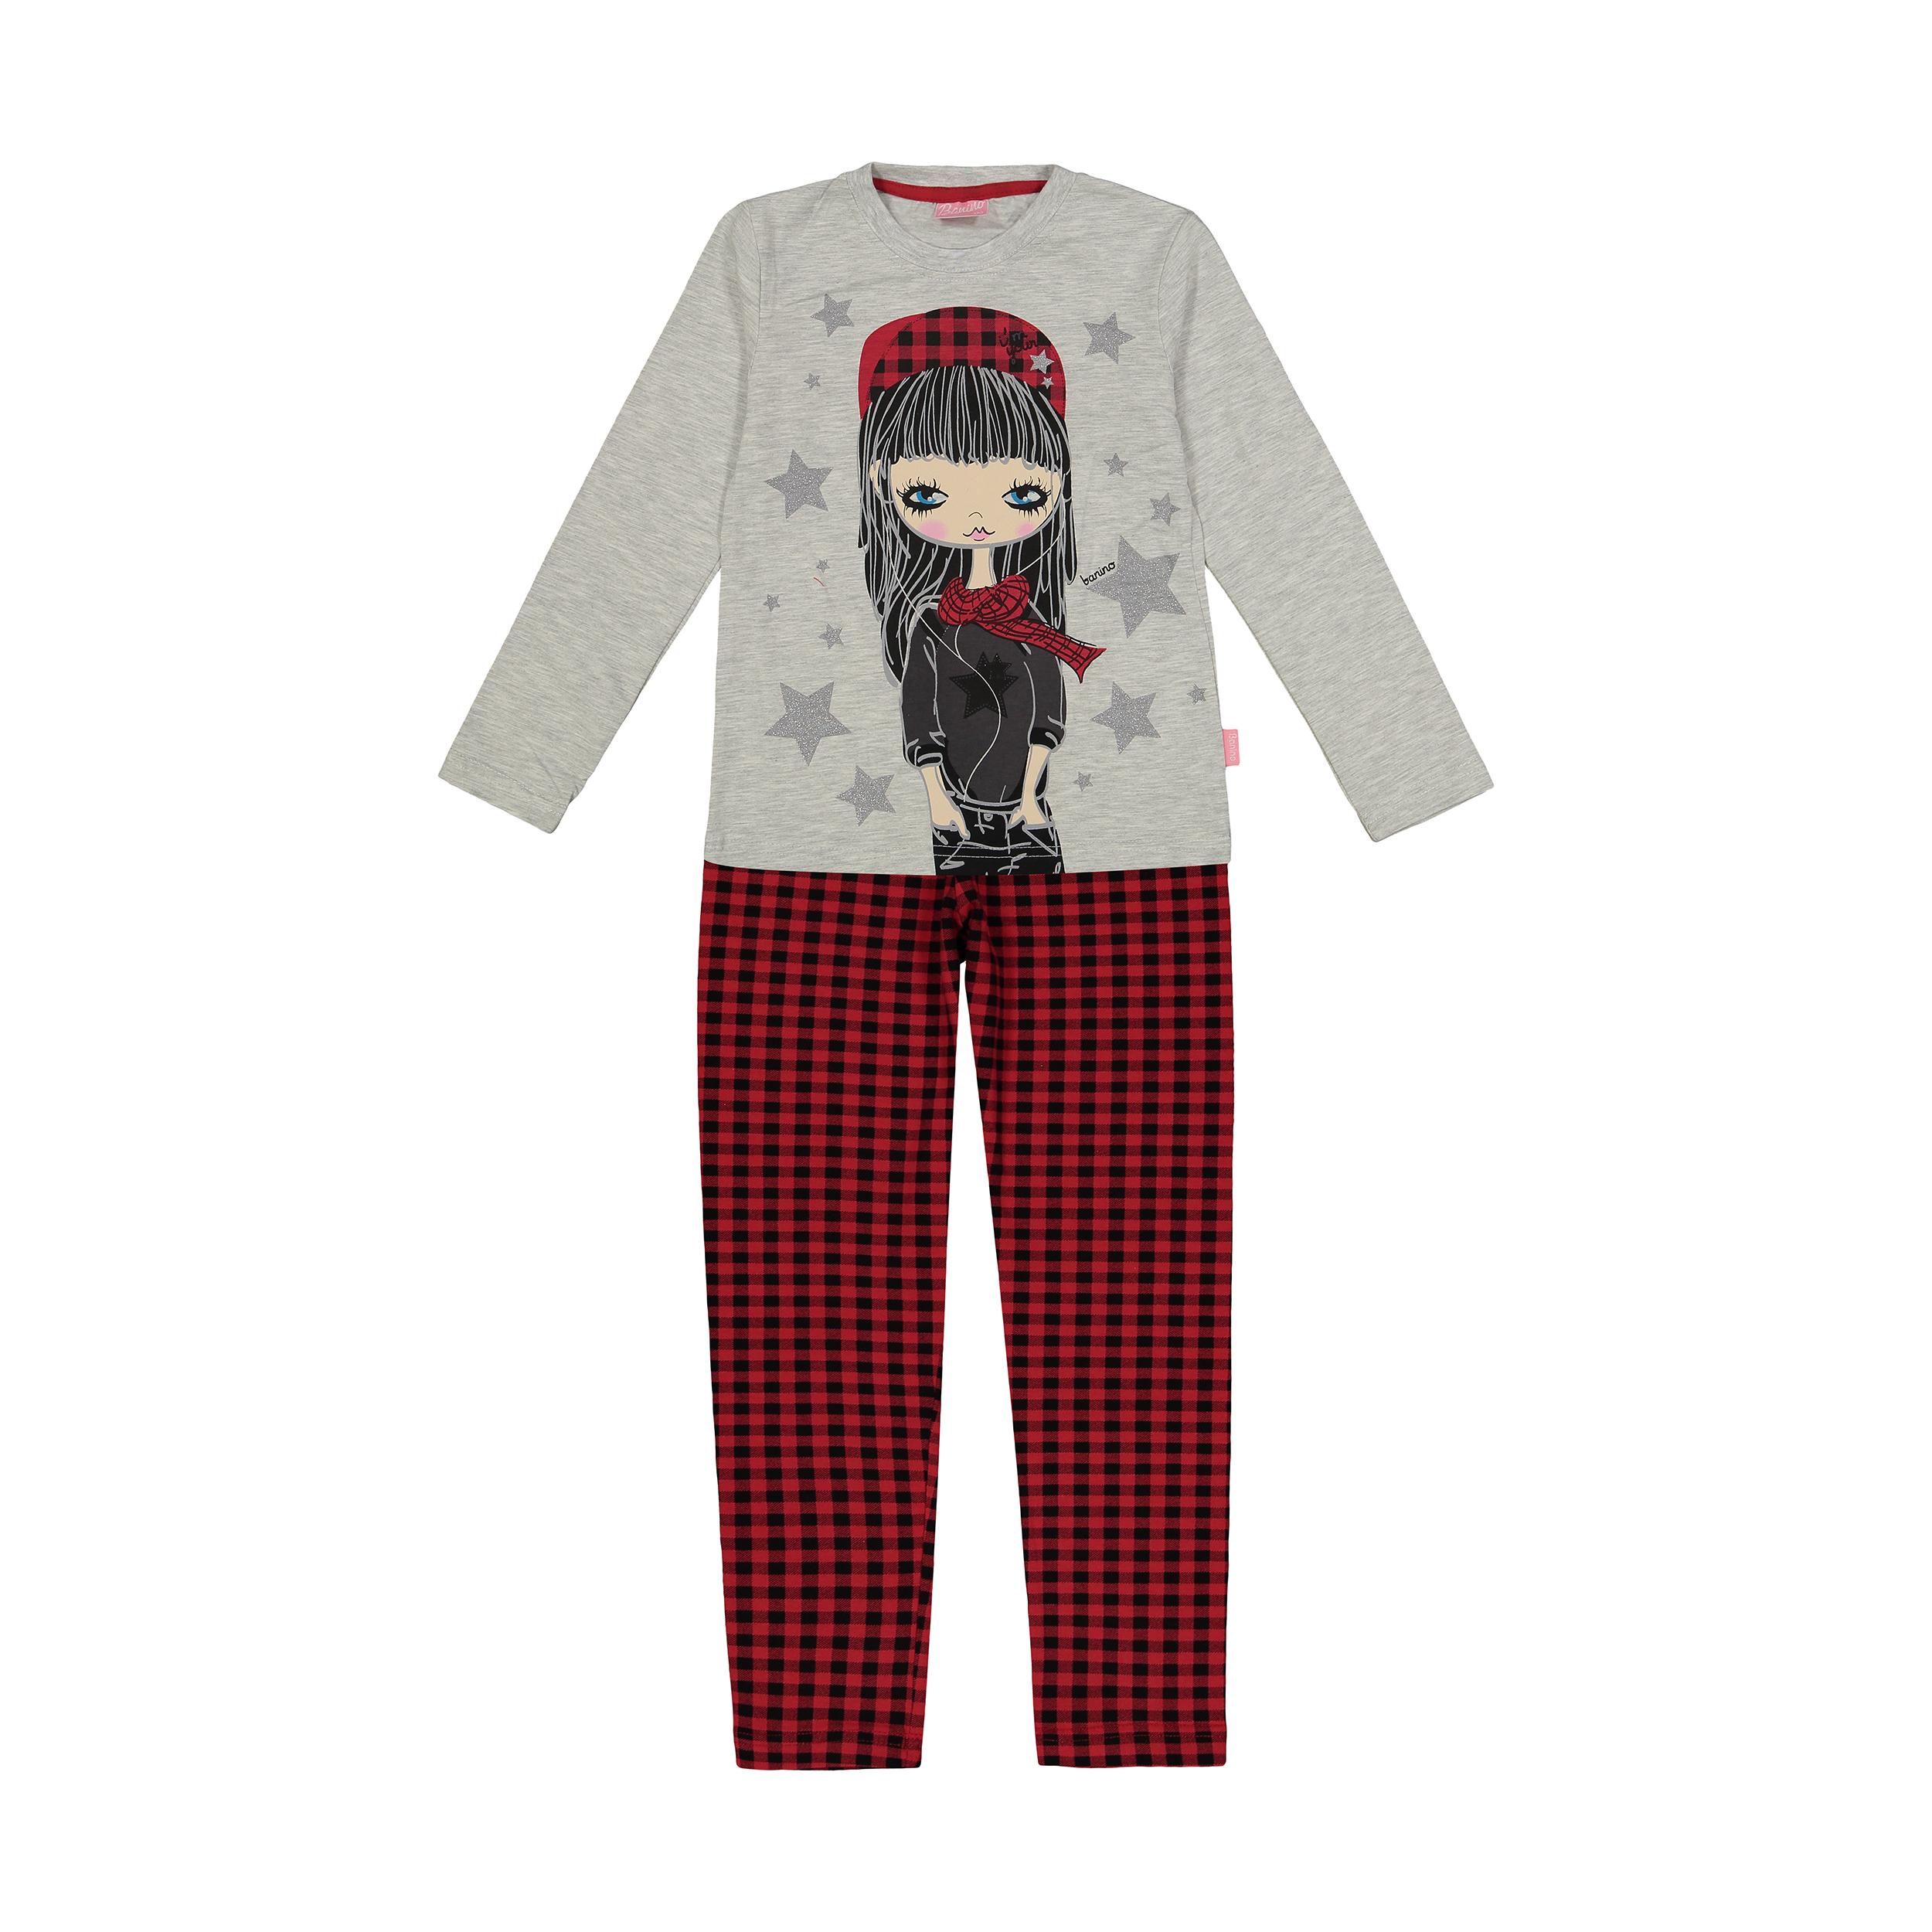 ست تی شرت و شلوار راحتی دخترانه بانی نو مدل 2191119-91